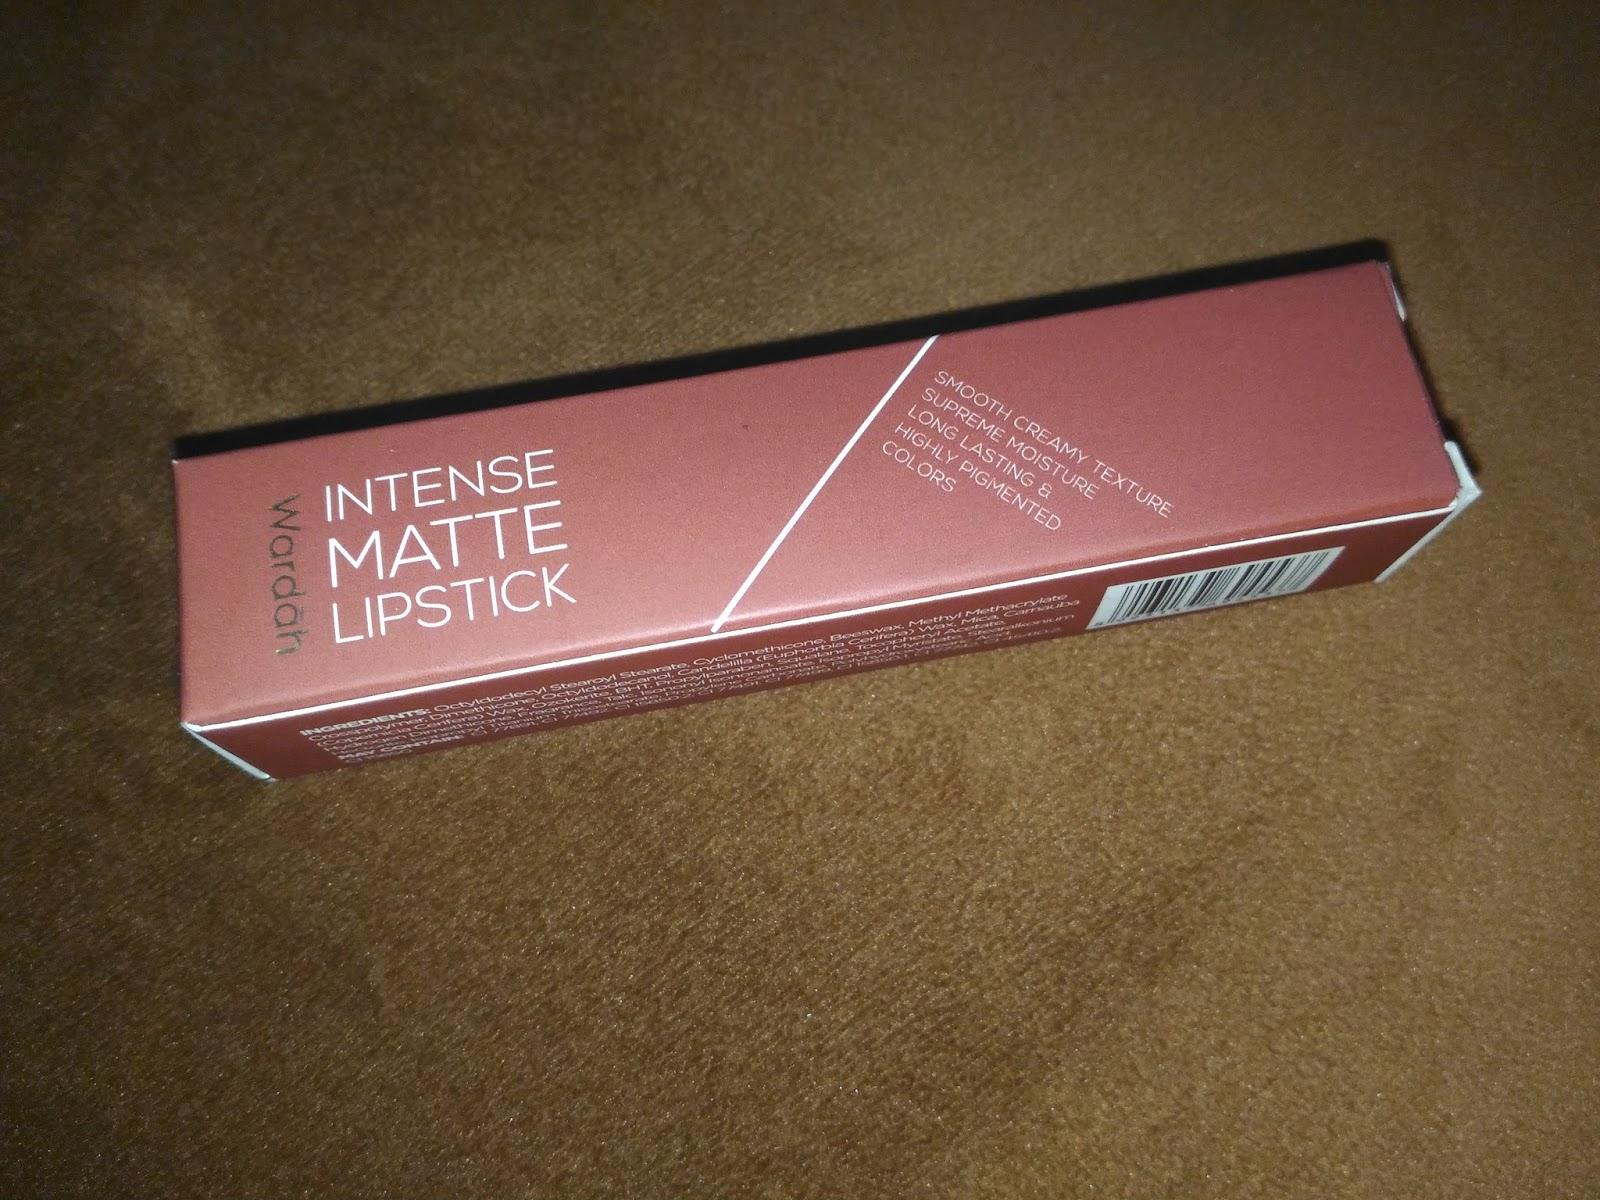 Review Wardah Intense Matte Lipstick Easy Brownie Beauty Fun Lipstik Dari Segi Packaging Menurut Aku Seri Ini Punya Luar Yg Paling Menarik Diantara Lipstik2 Lain Dus Luarnya Cantik Banget Dan Warnanya